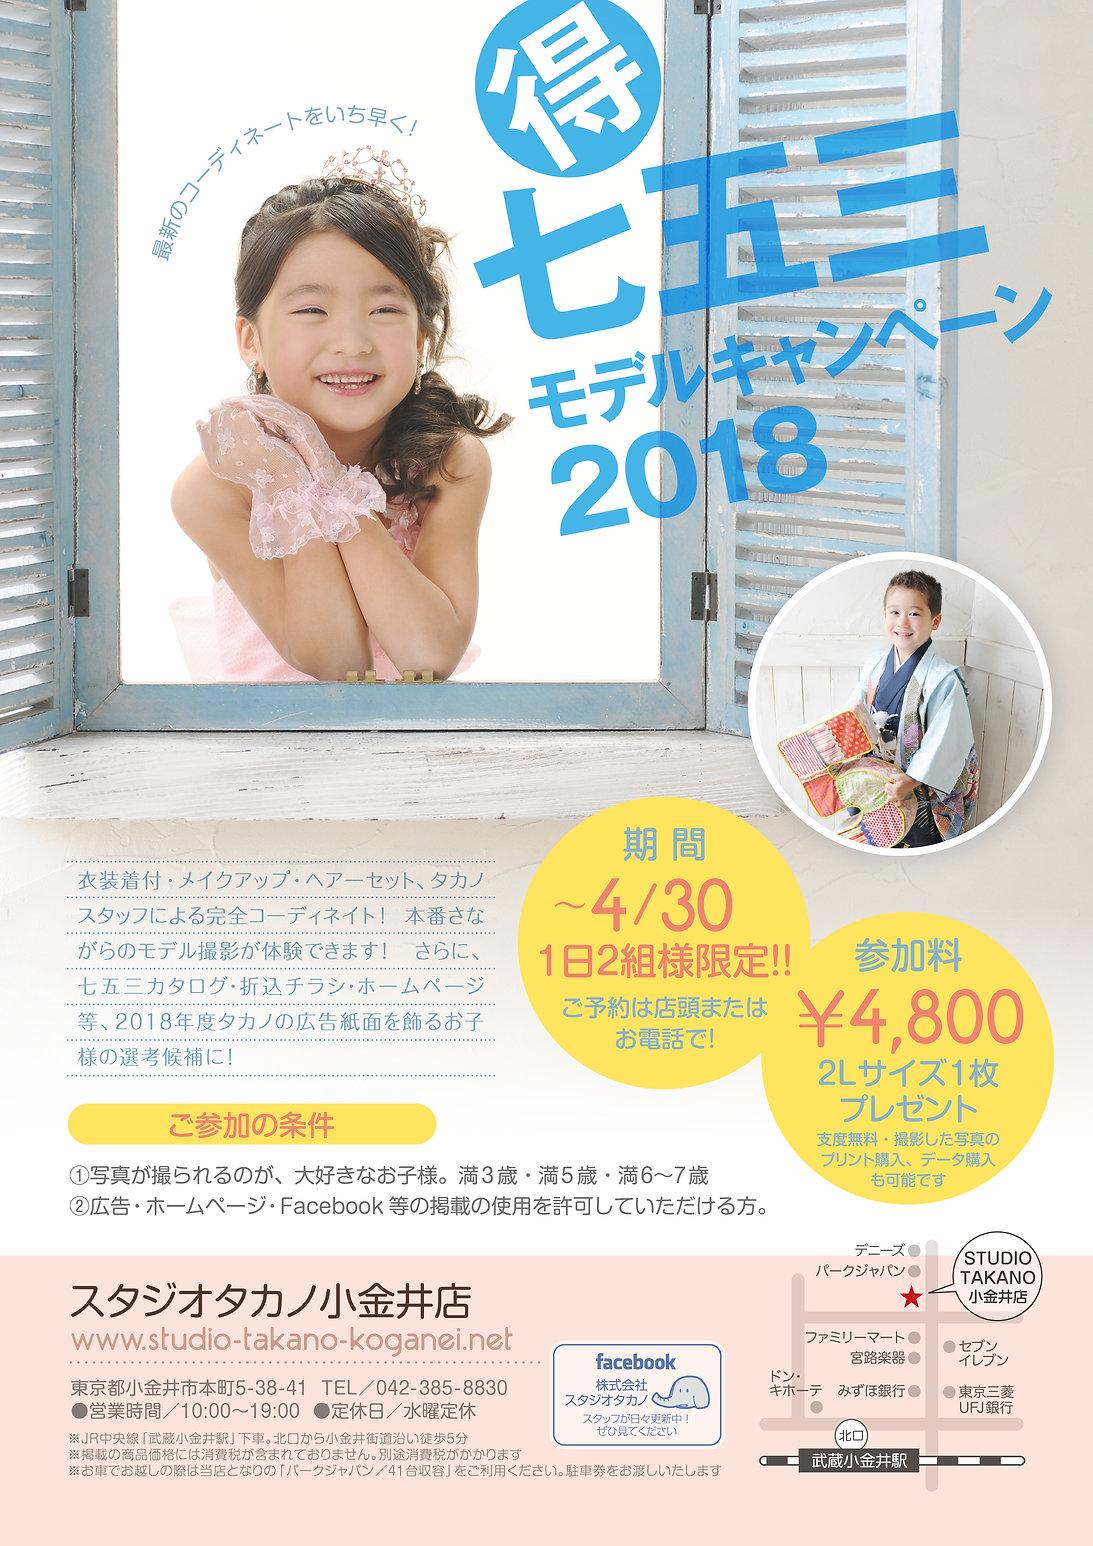 七五三 モデル 東京 安い 小金井 中央線